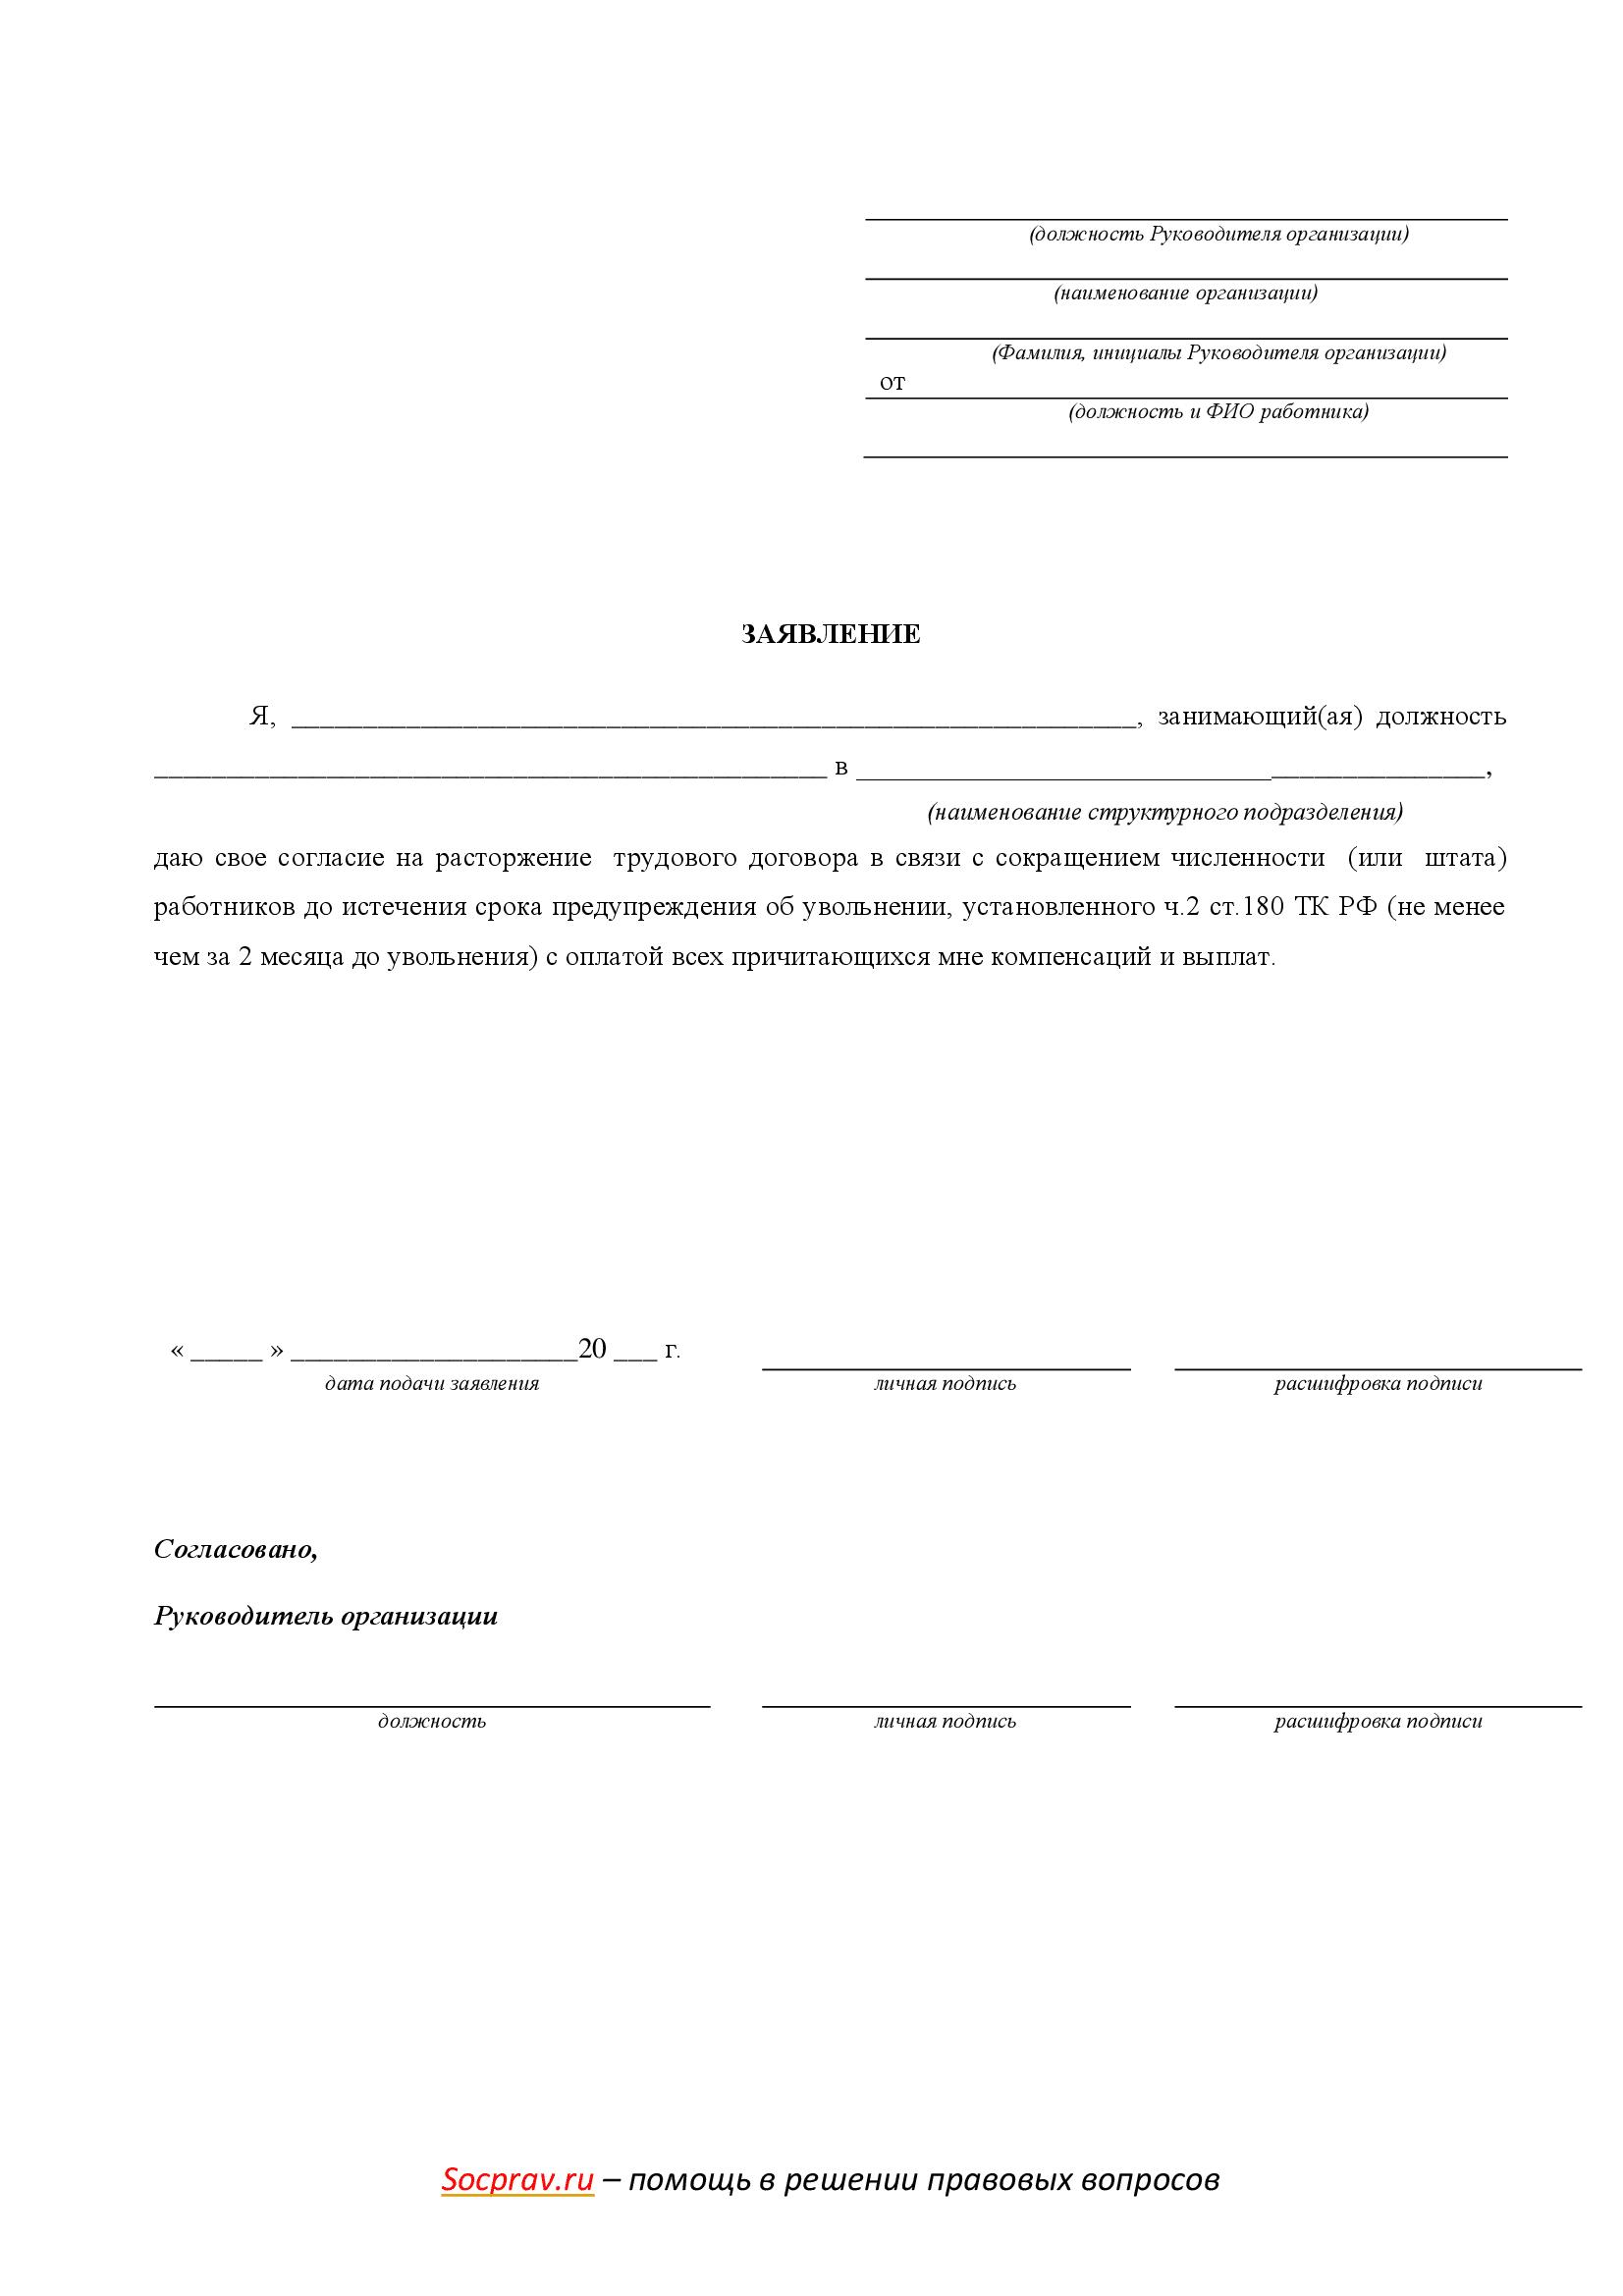 Согласие на досрочное увольнение по сокращению штата работников